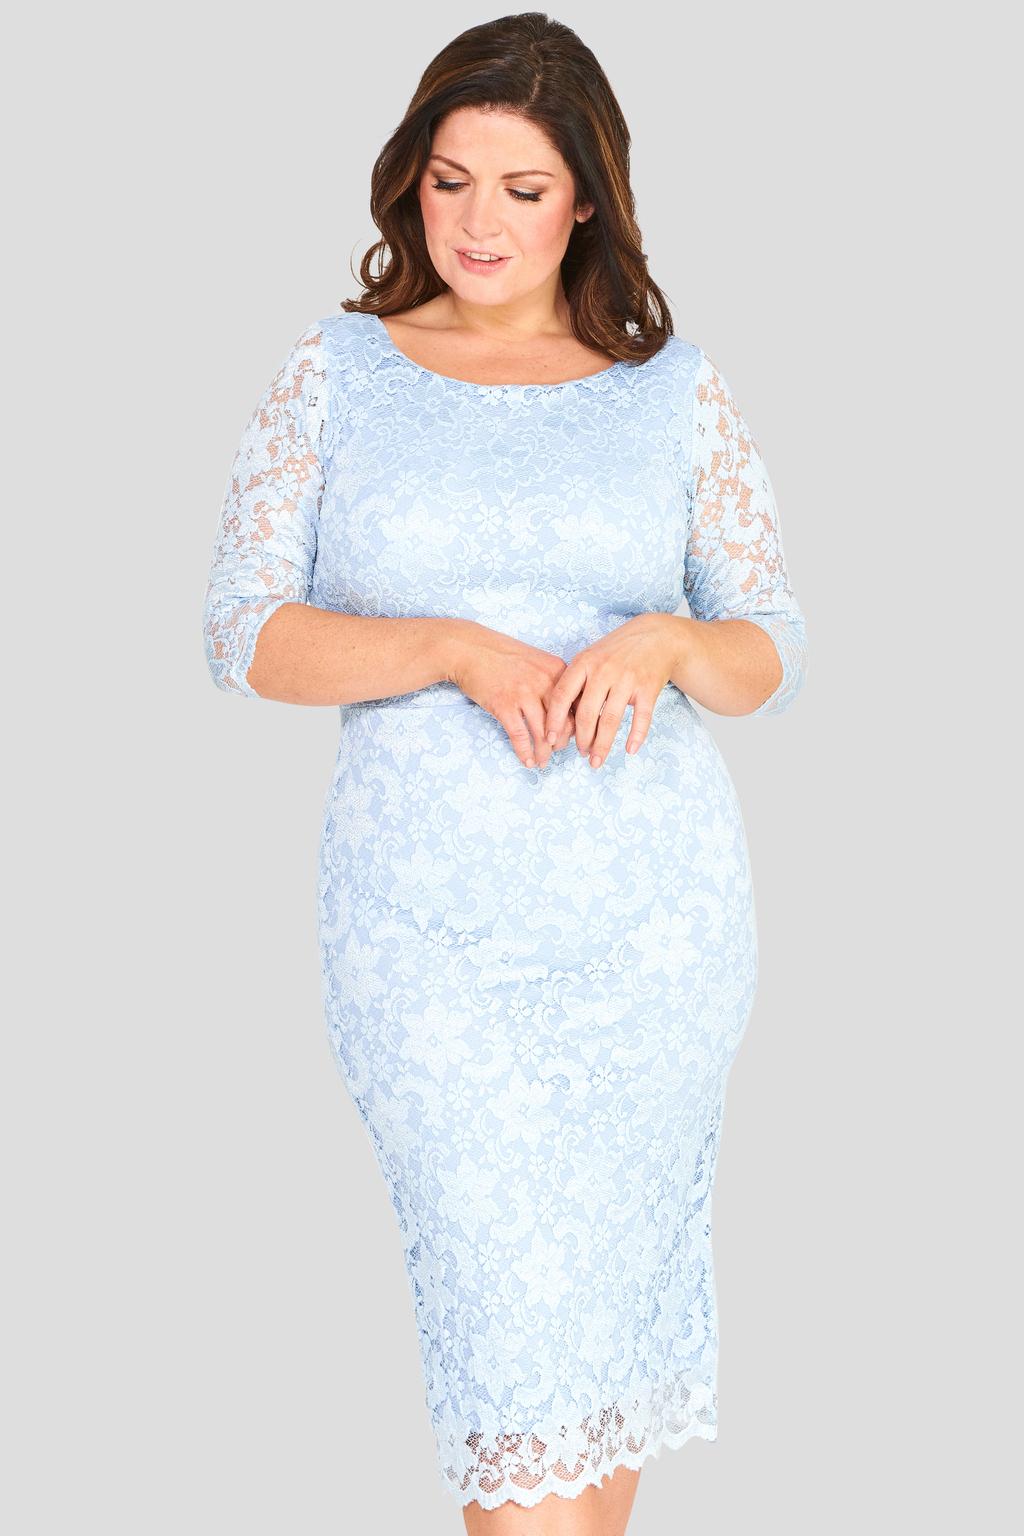 a30714c5b96 Společenské krajkové šaty s 3 4 rukávem modré